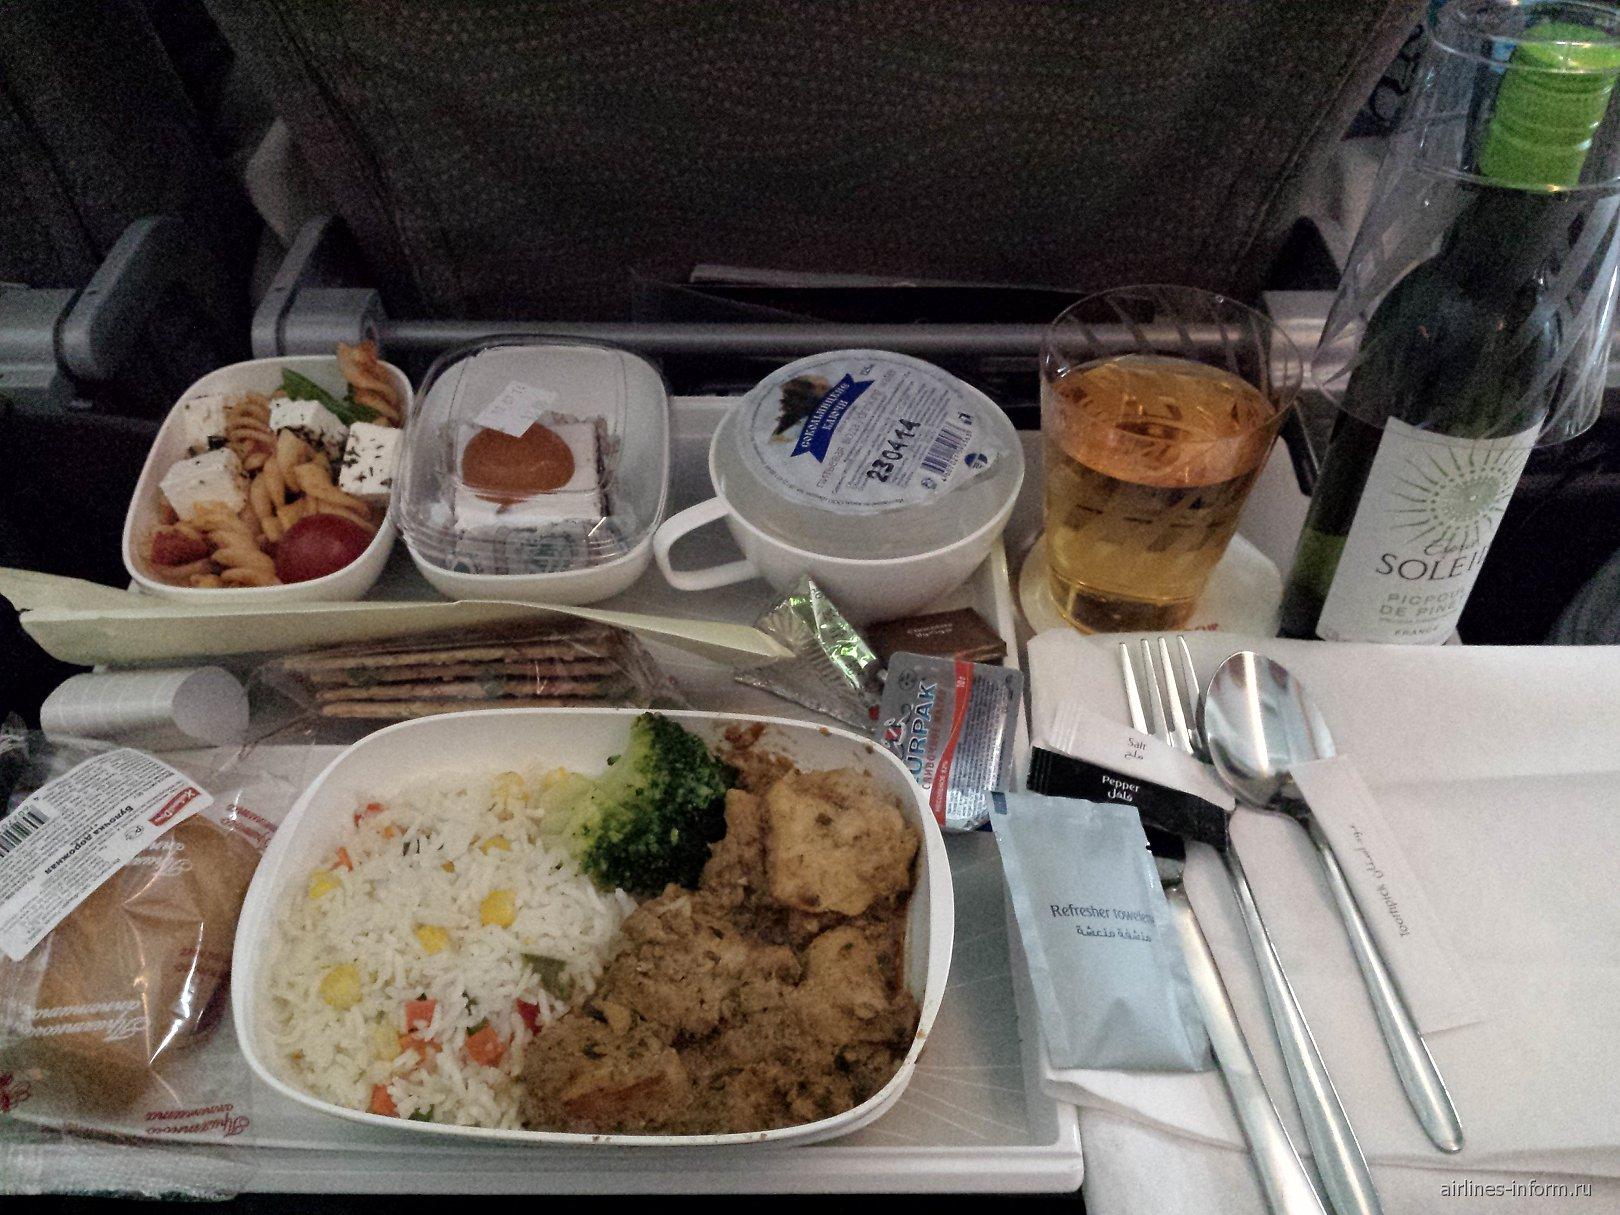 Бортовое питание на рейсе Санкт-Петербург-Дубай авиакомпании Emirates